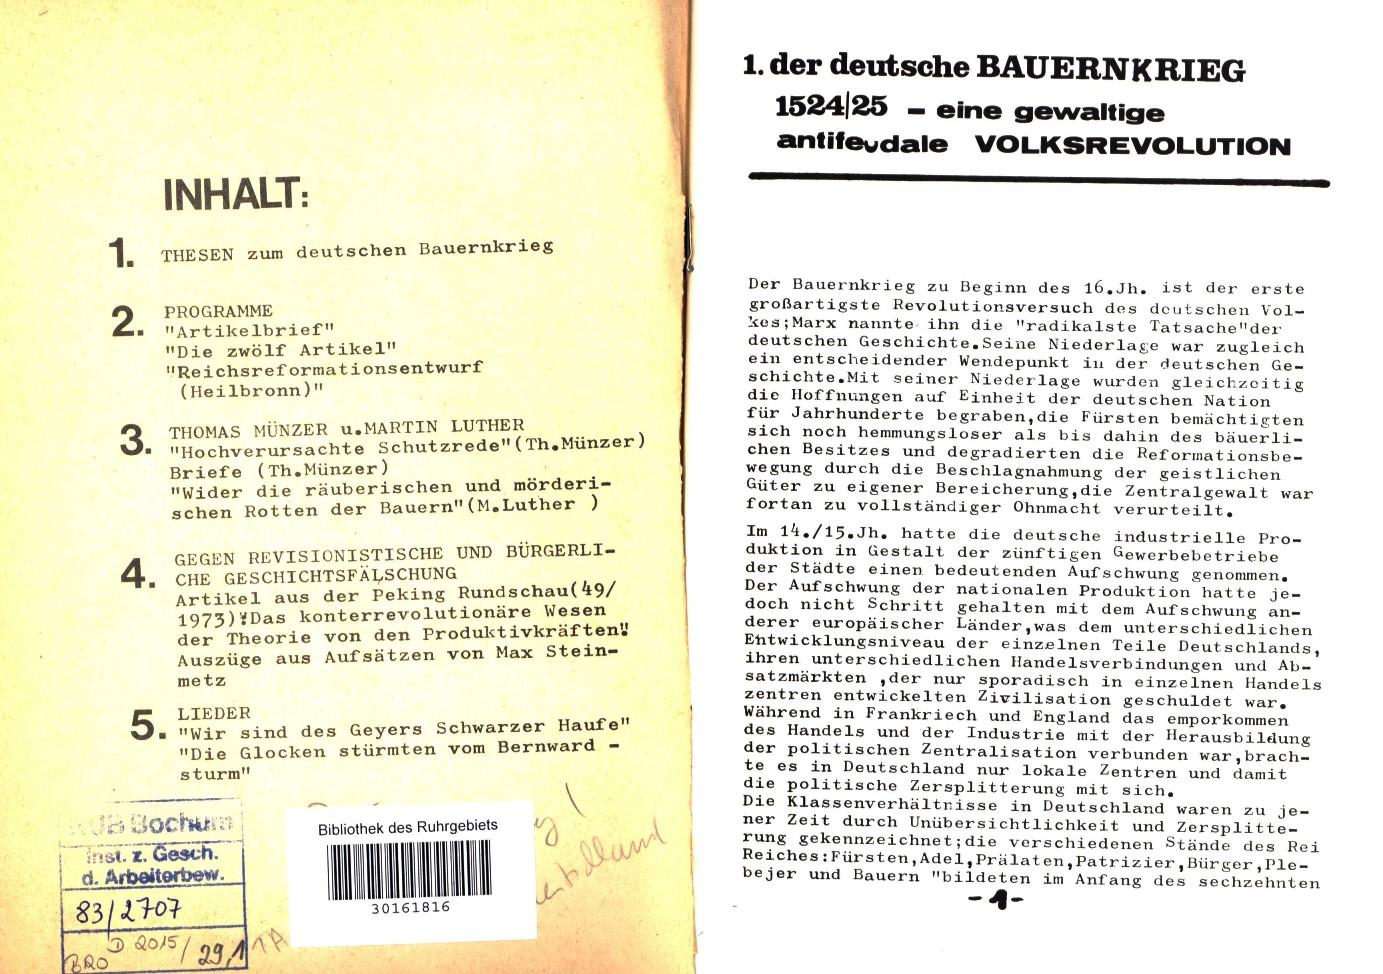 Berlin_KSV_1976_Wochenendseminare_Geschichte_01_02